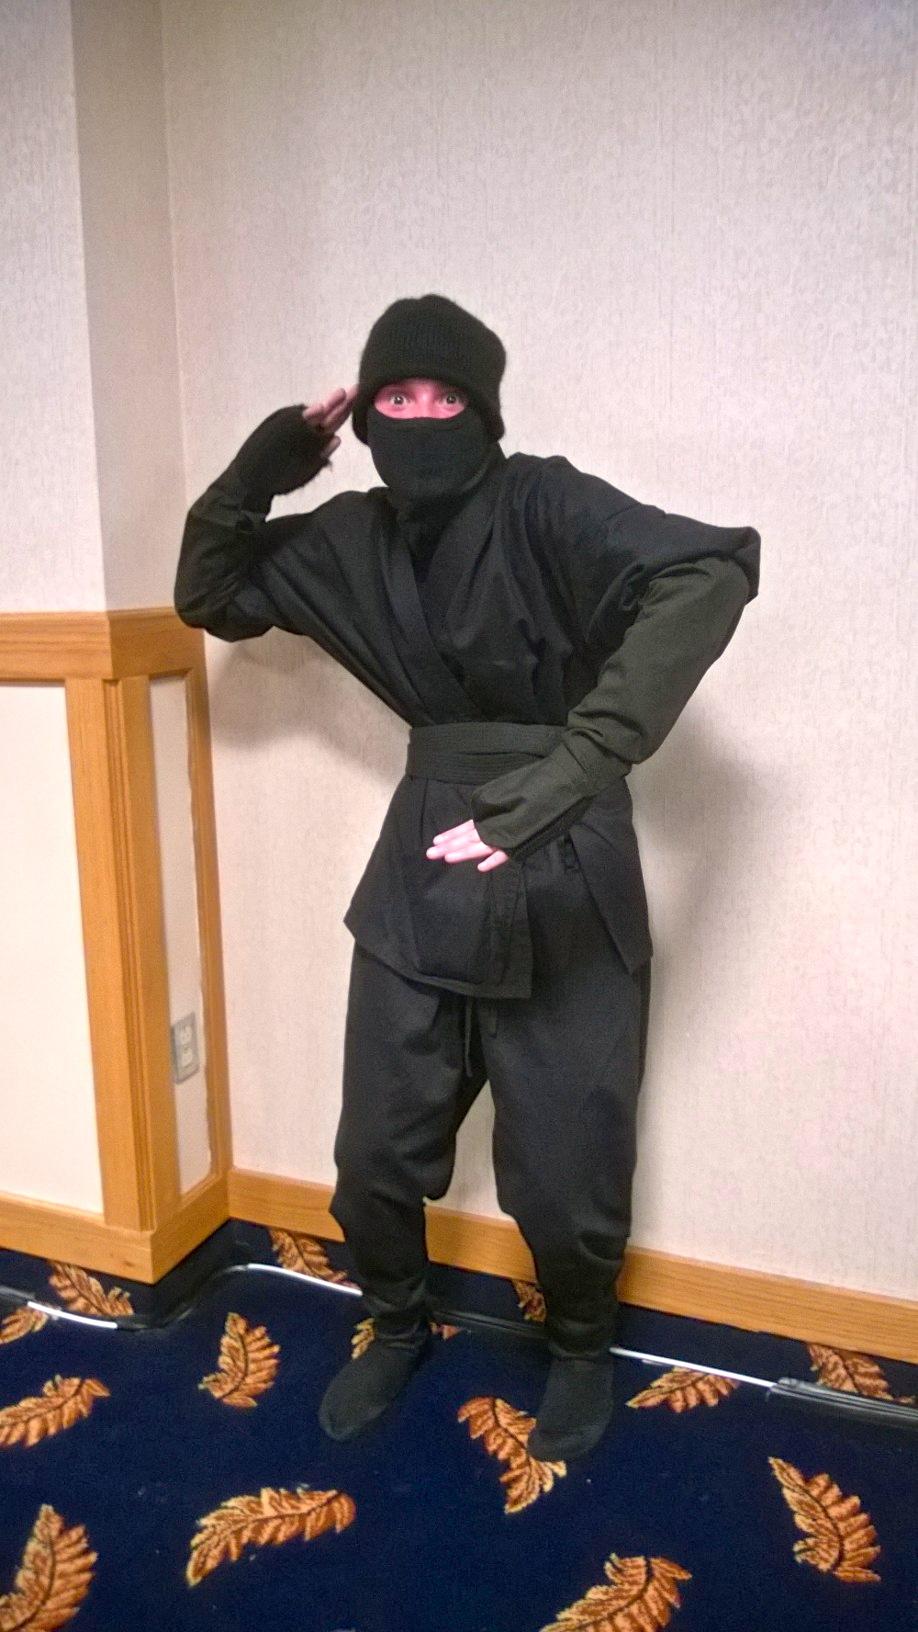 Ninja! He had good moves!